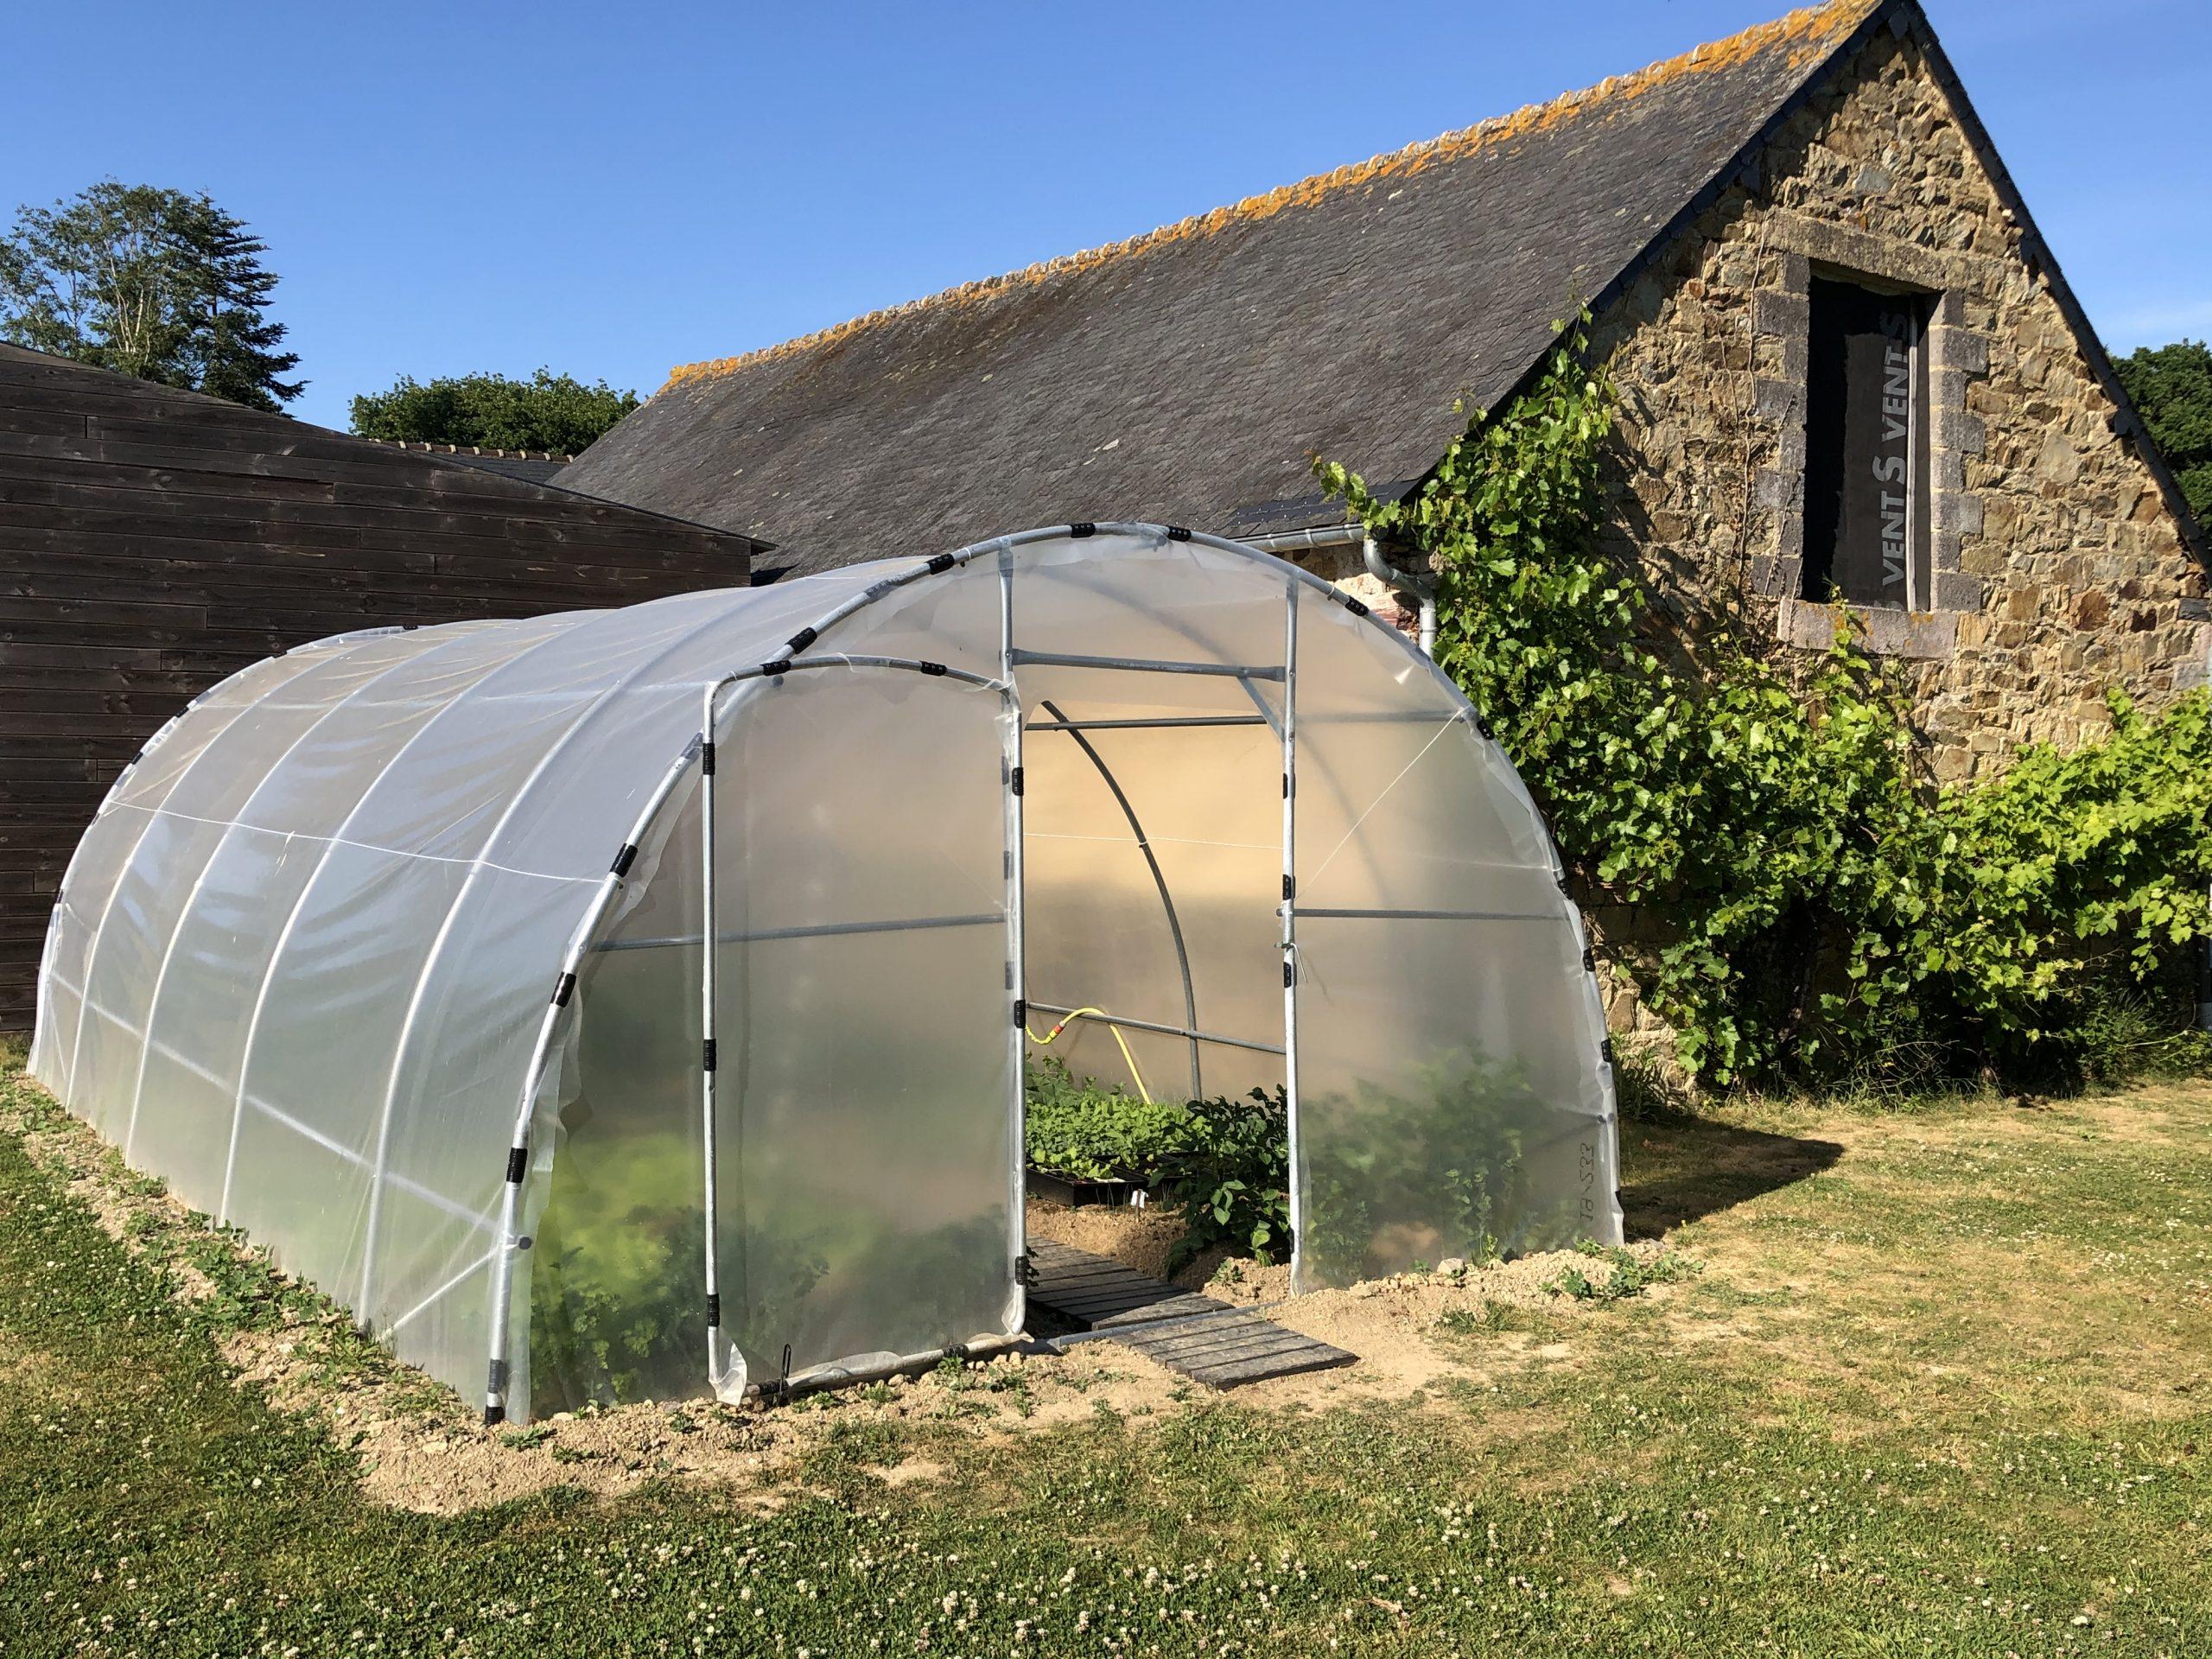 France Serres : une serre de qualité pour les jardiniers exigeants